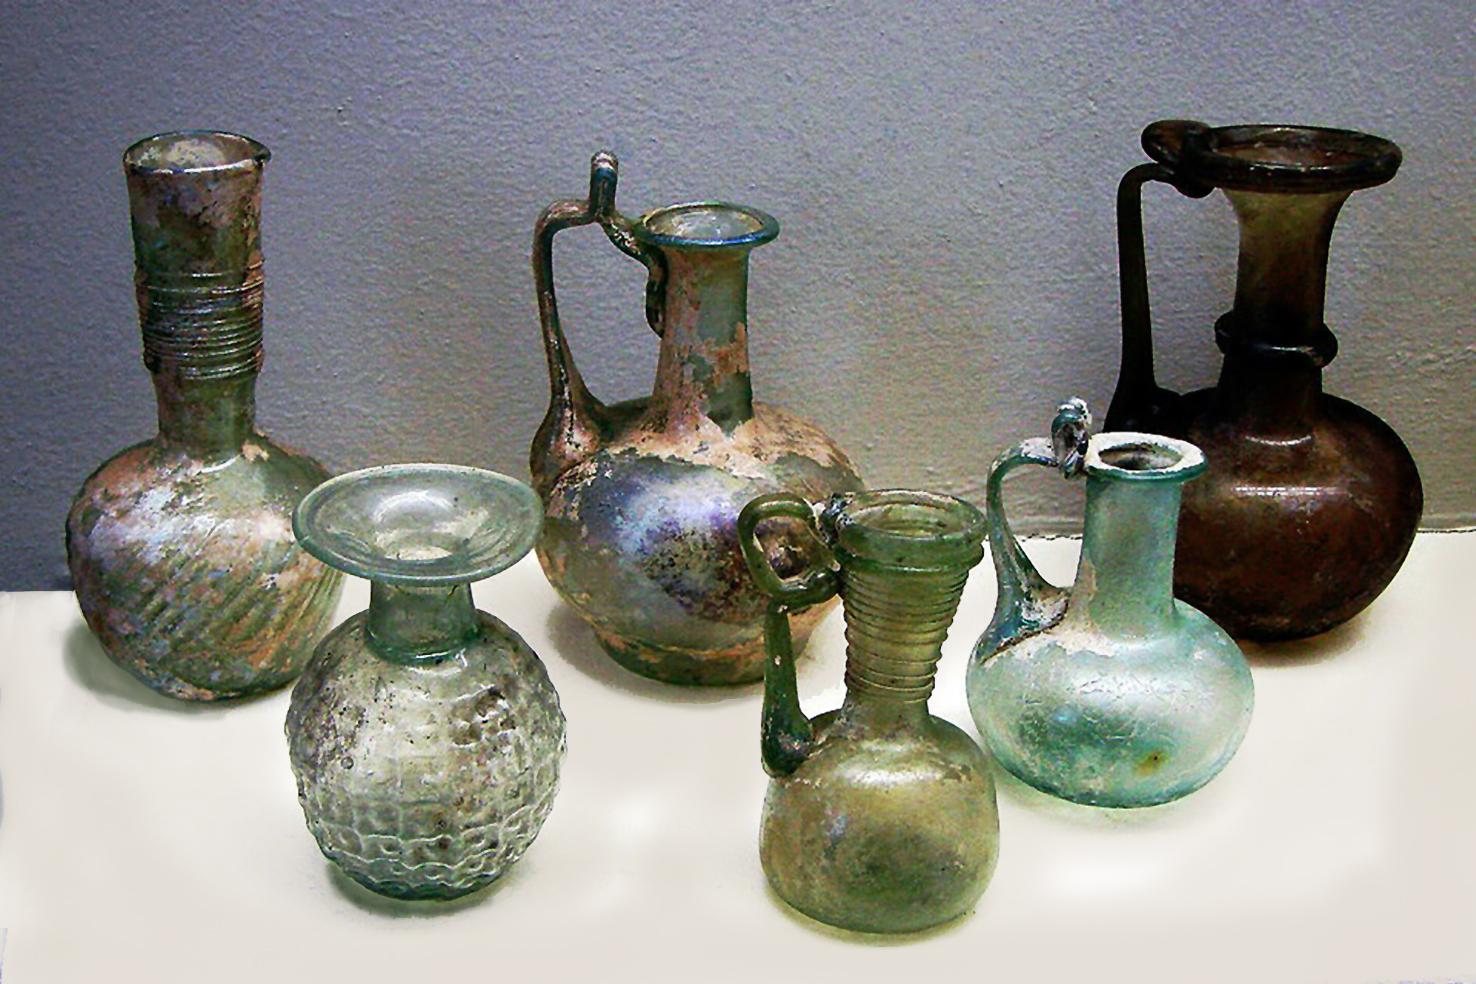 Jarras de vidrio romanas